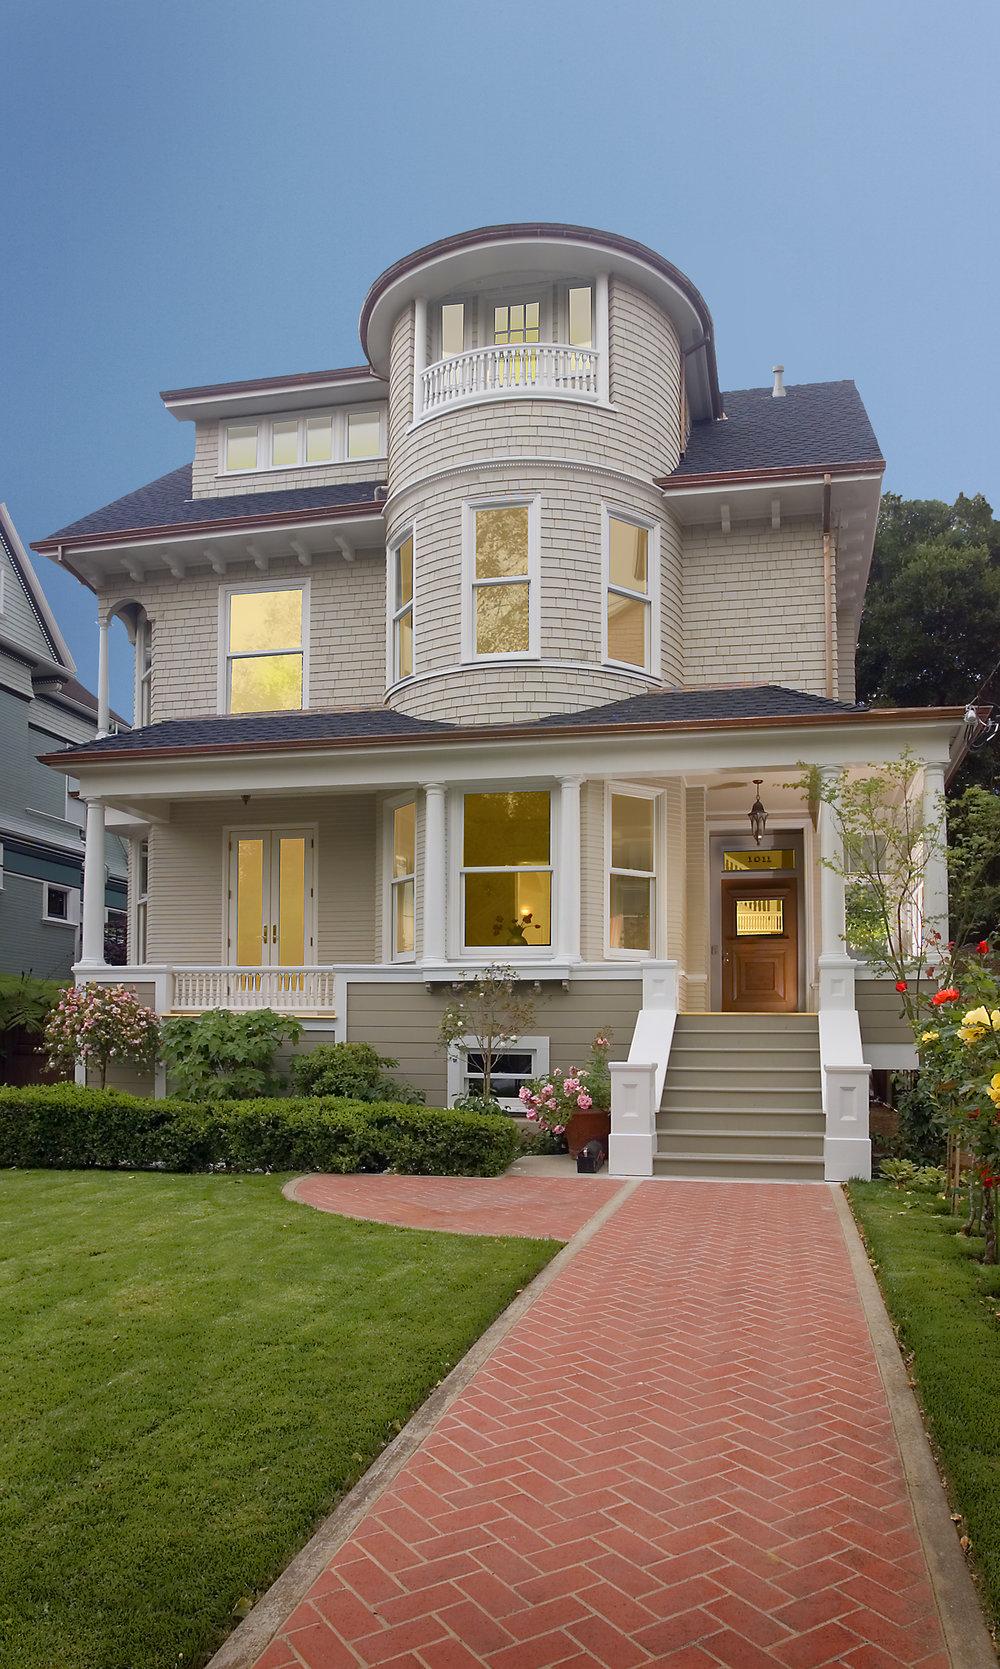 BENNETT HOUSE